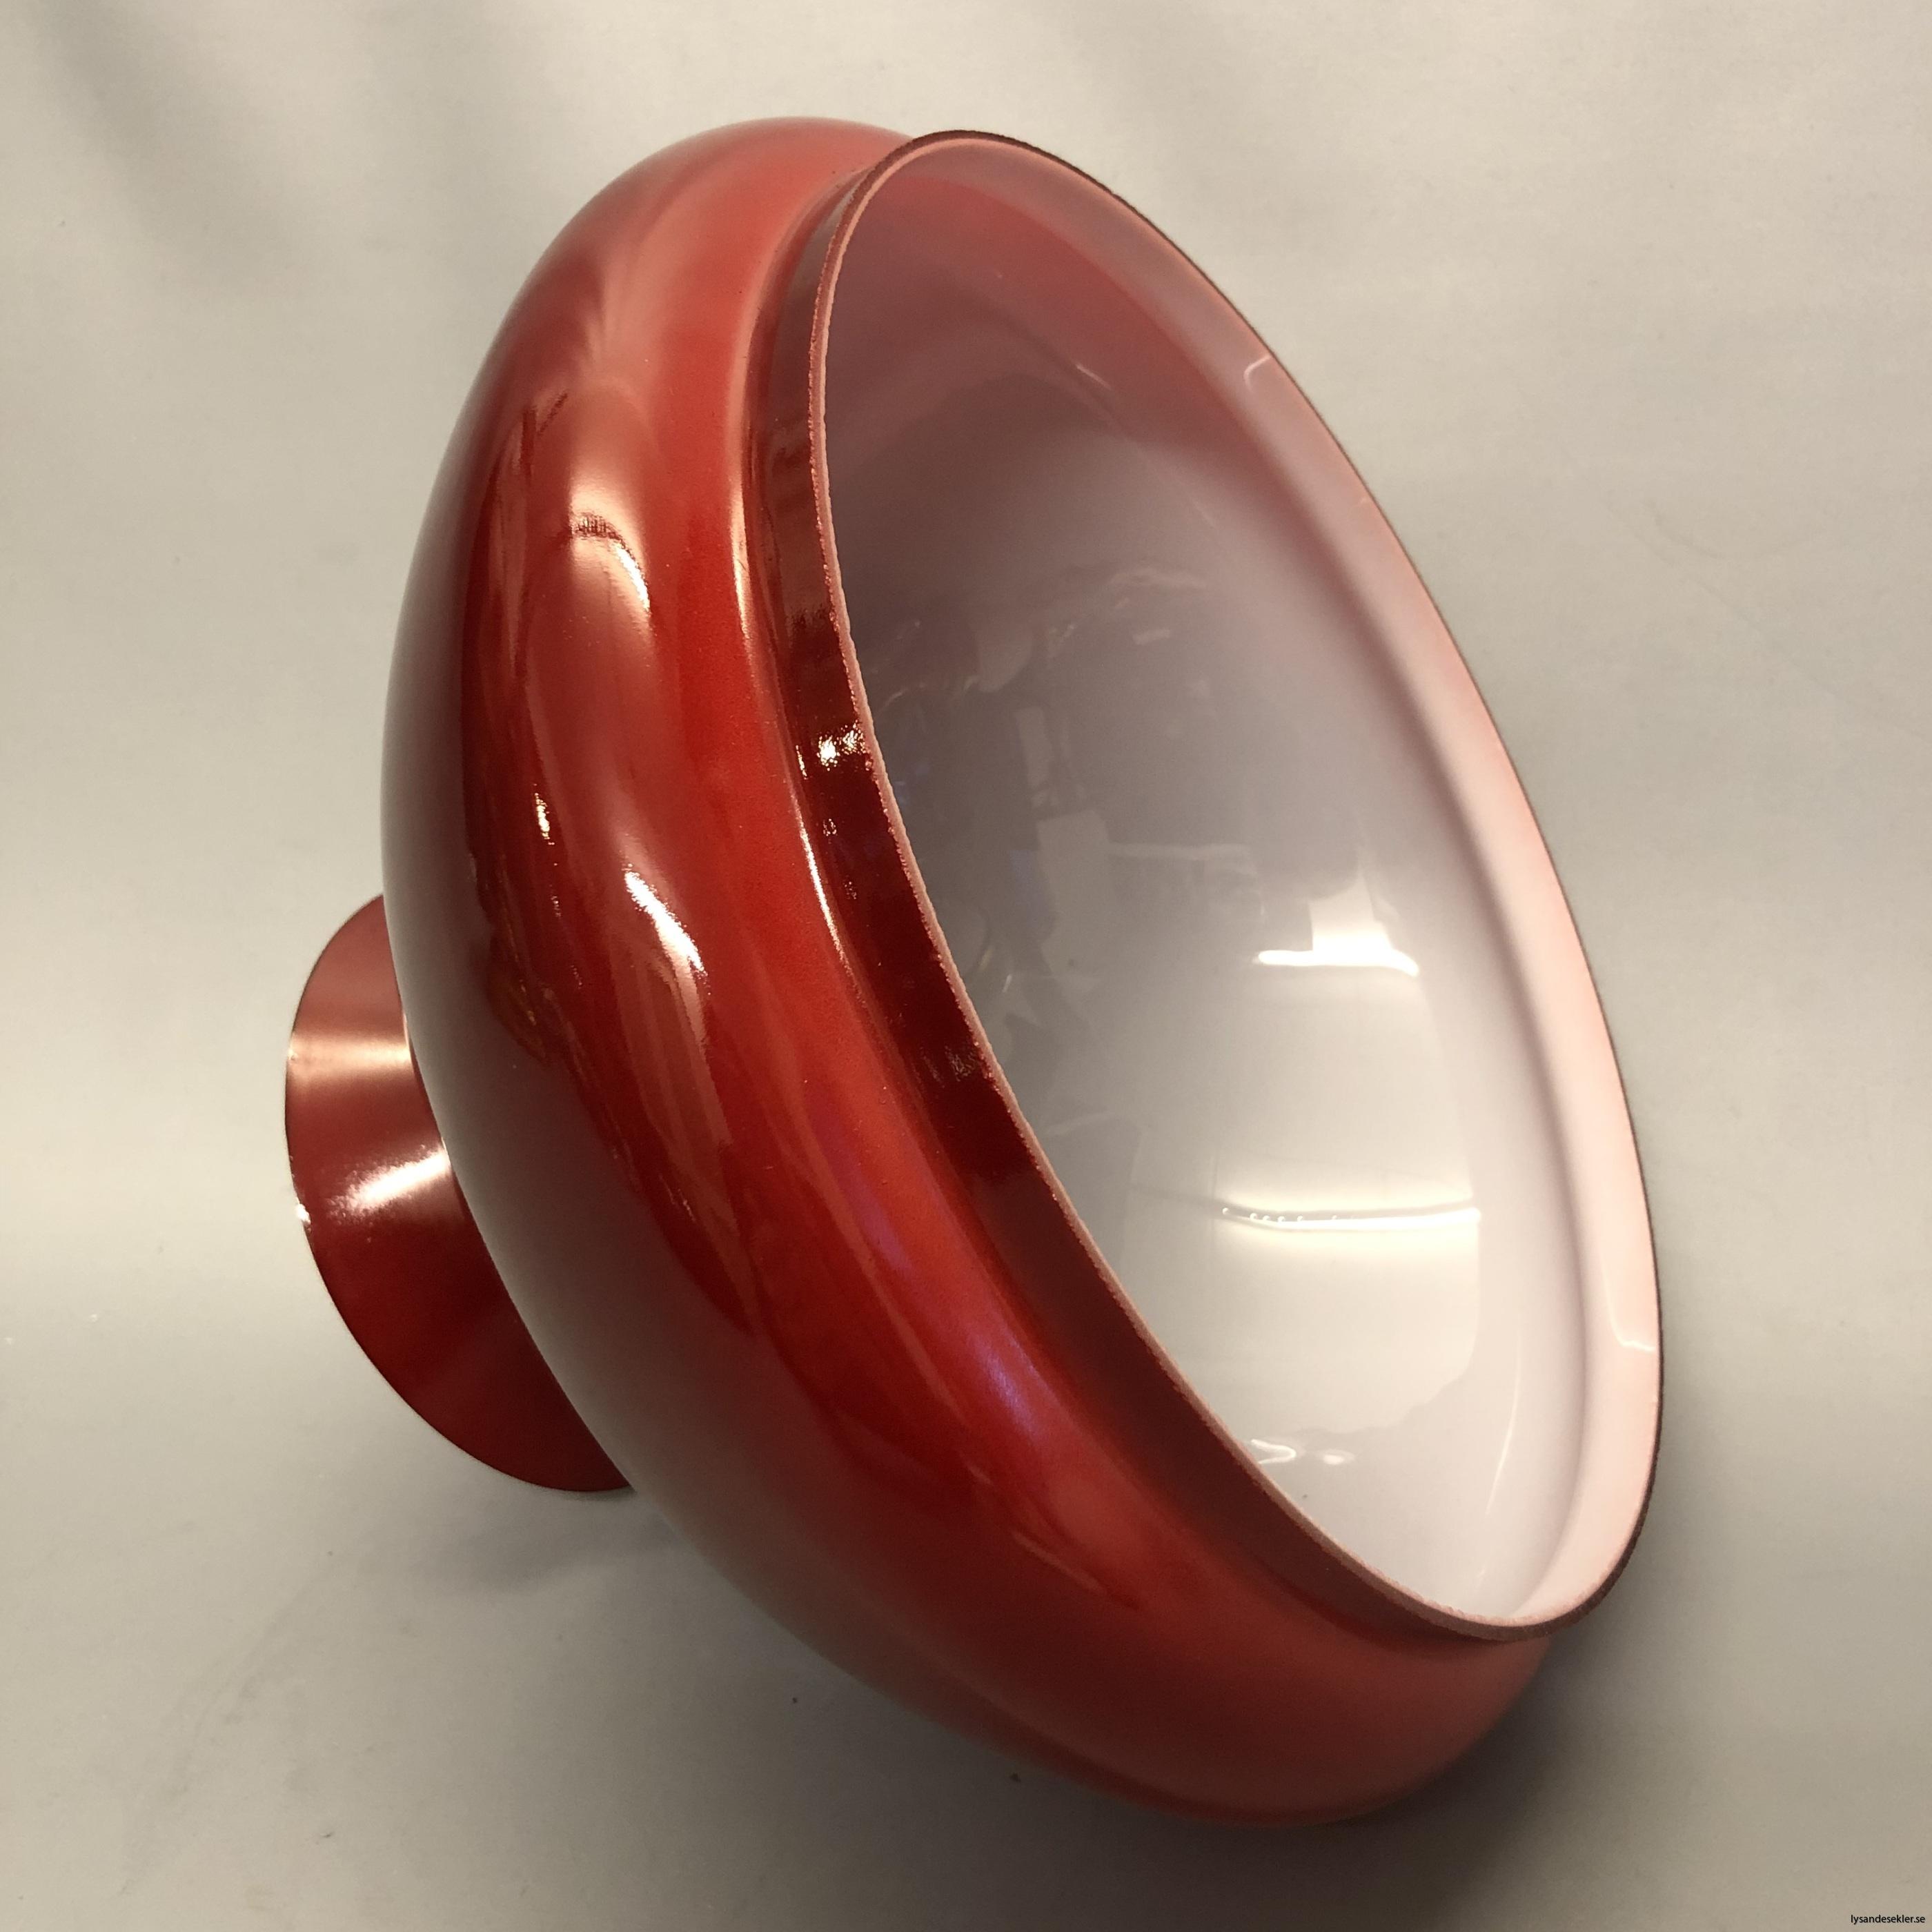 färgad vesta vestaskärm i färg fotogenskärm grön röd gul orange skärm till fotogenlampa20